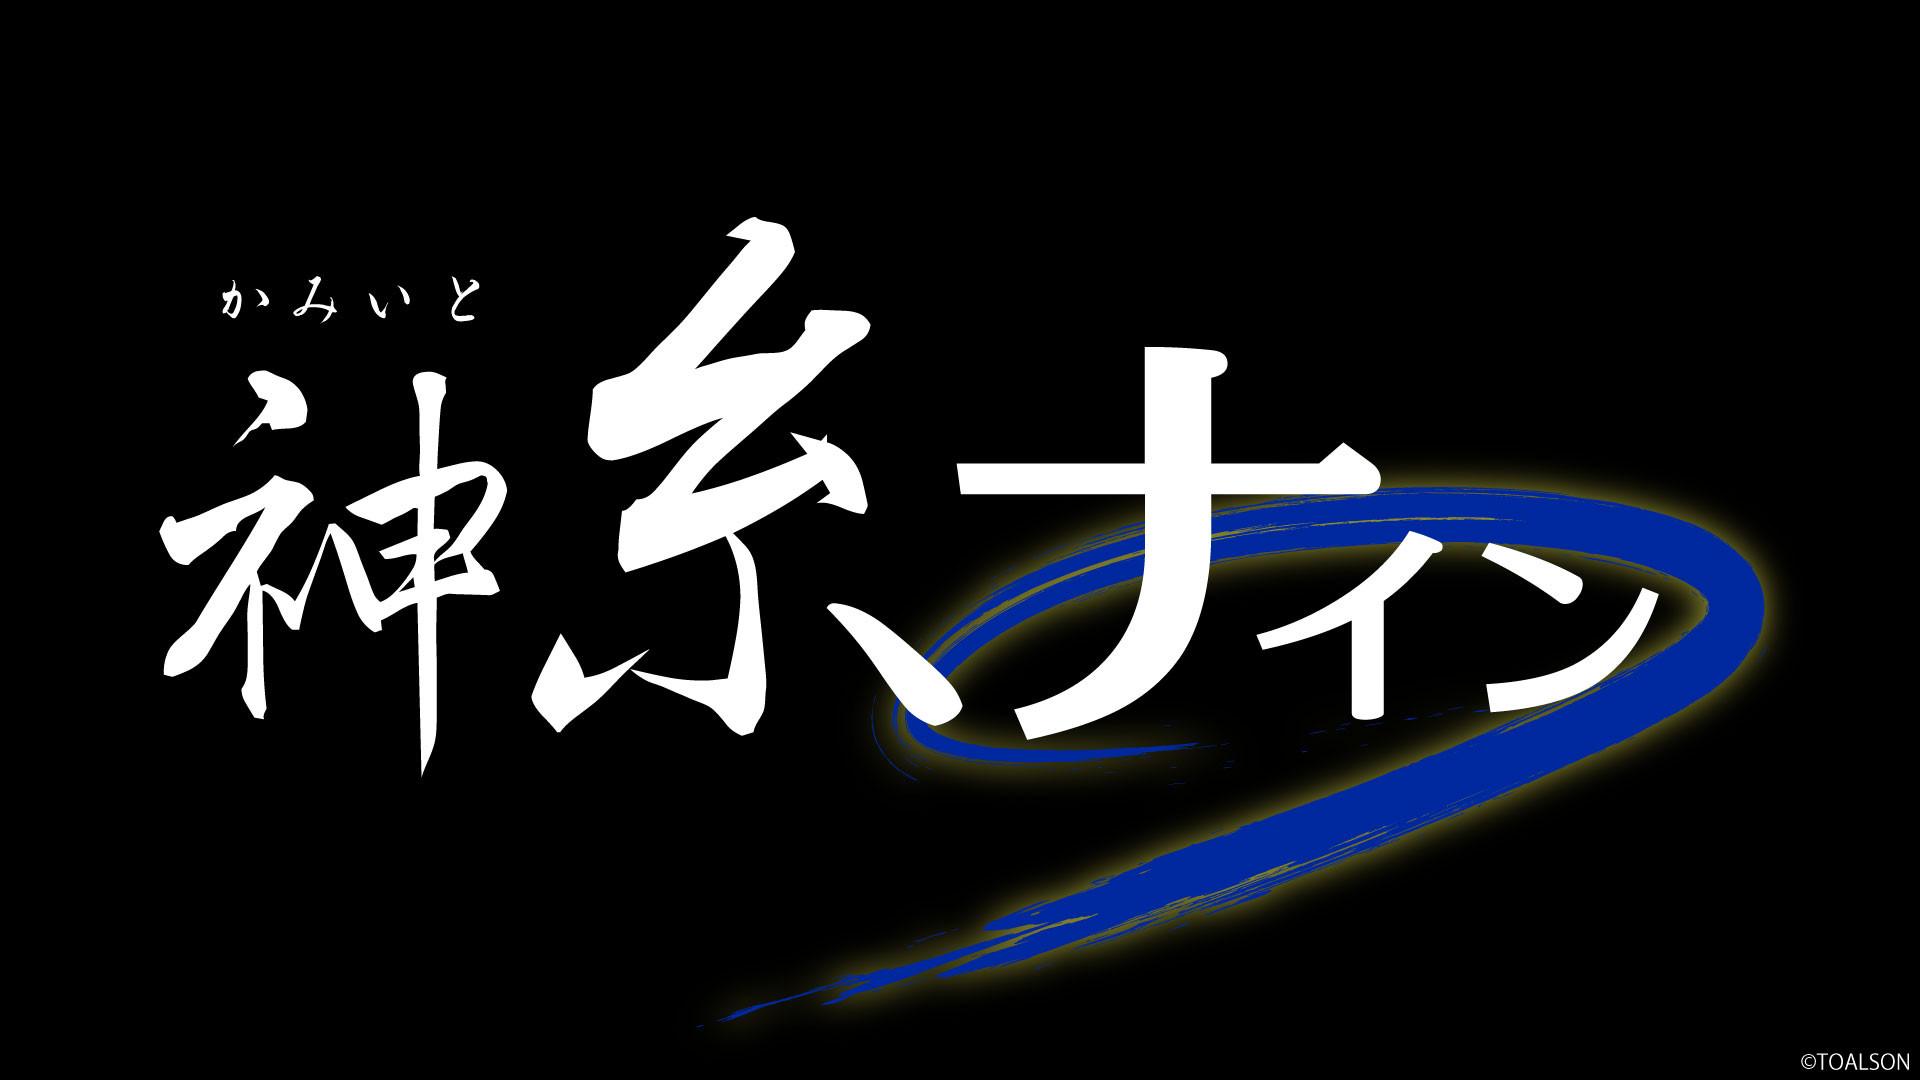 神糸ナインプロジェクト始動!